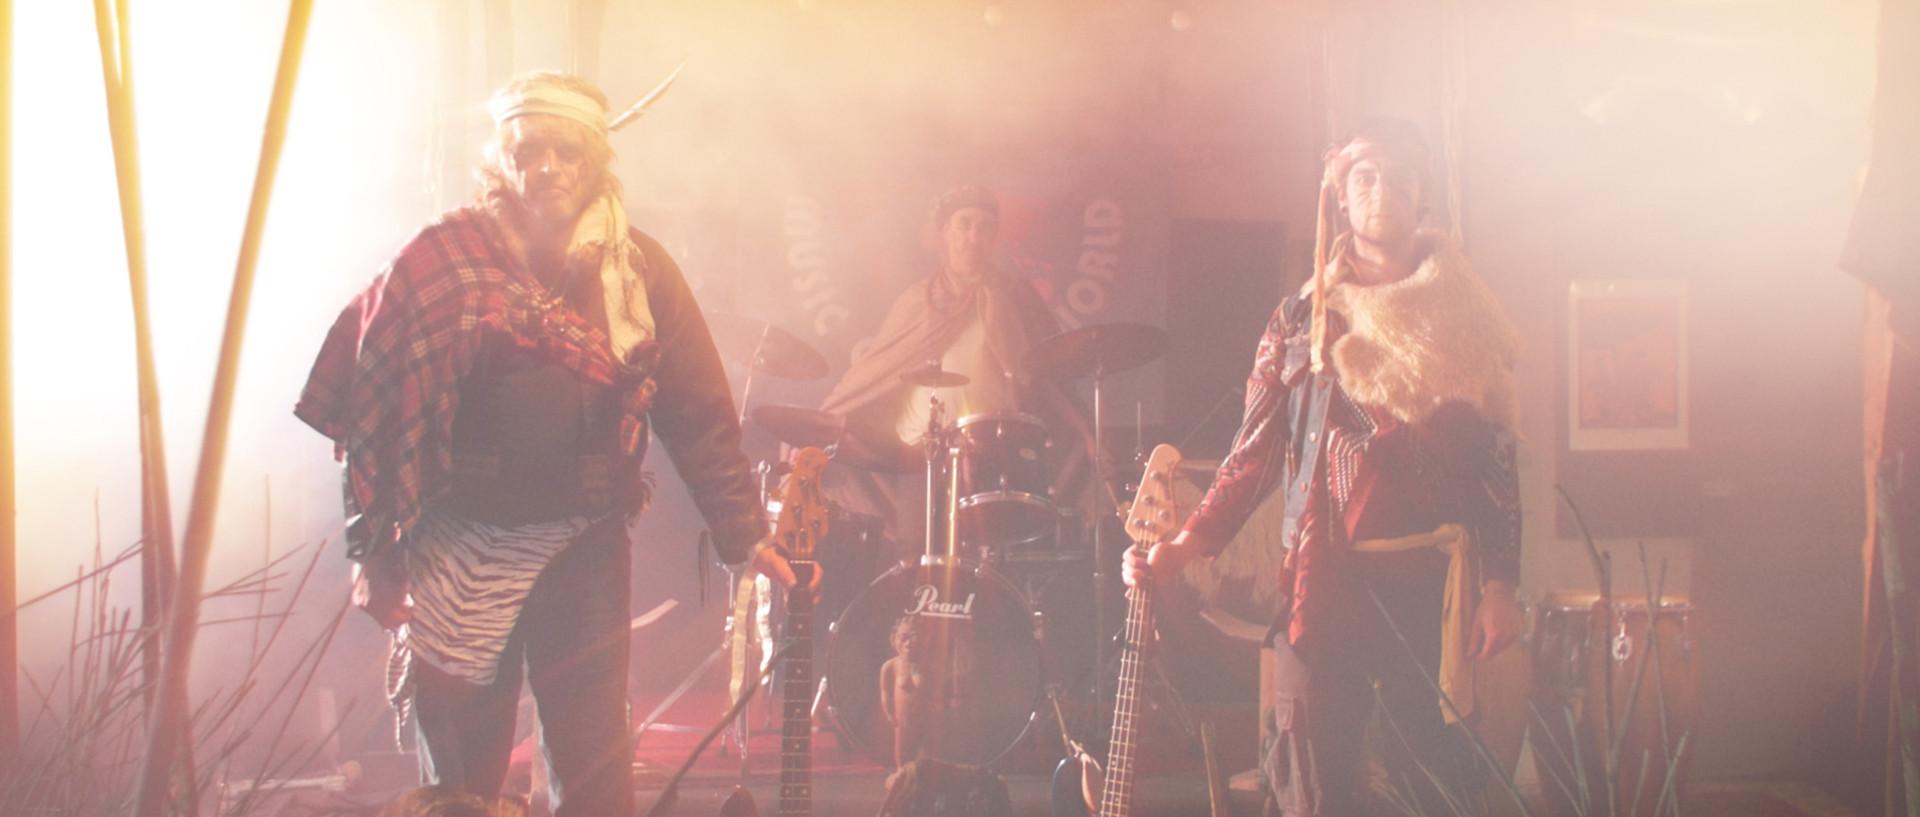 DirenAgbaba_musicvideo_Urukhigh_7